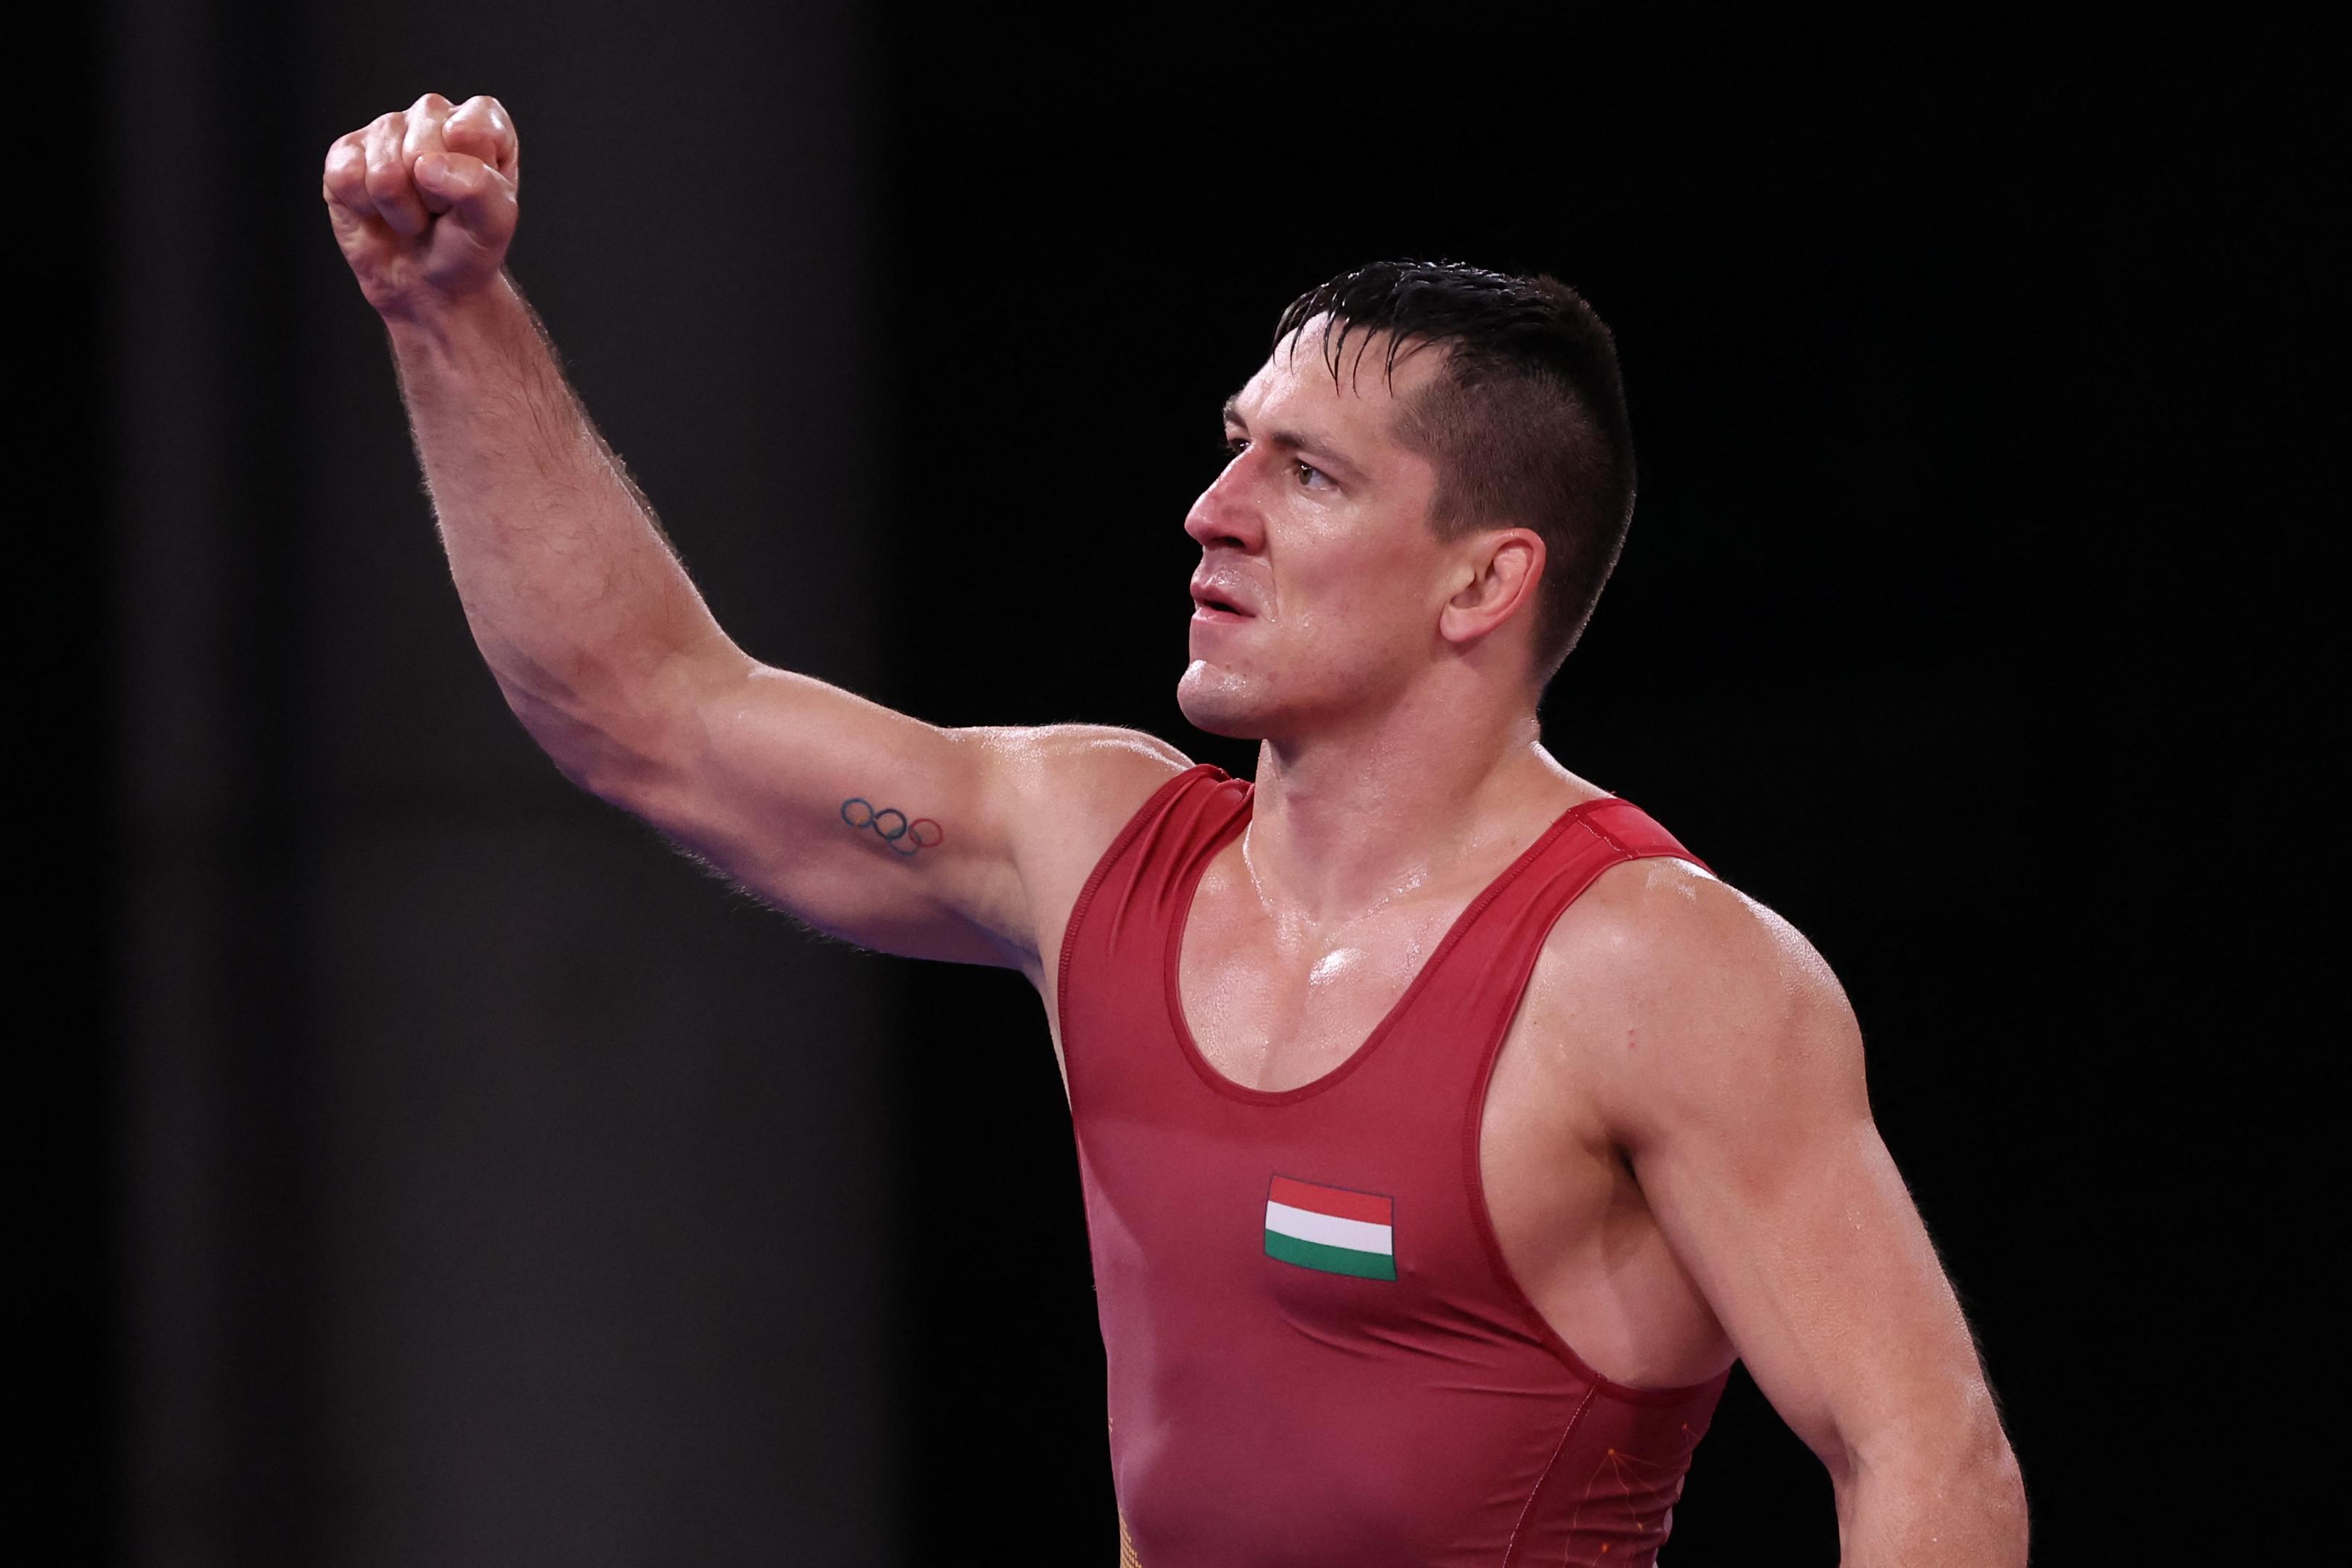 Lőrincz Viktor ott lesz a döntőben